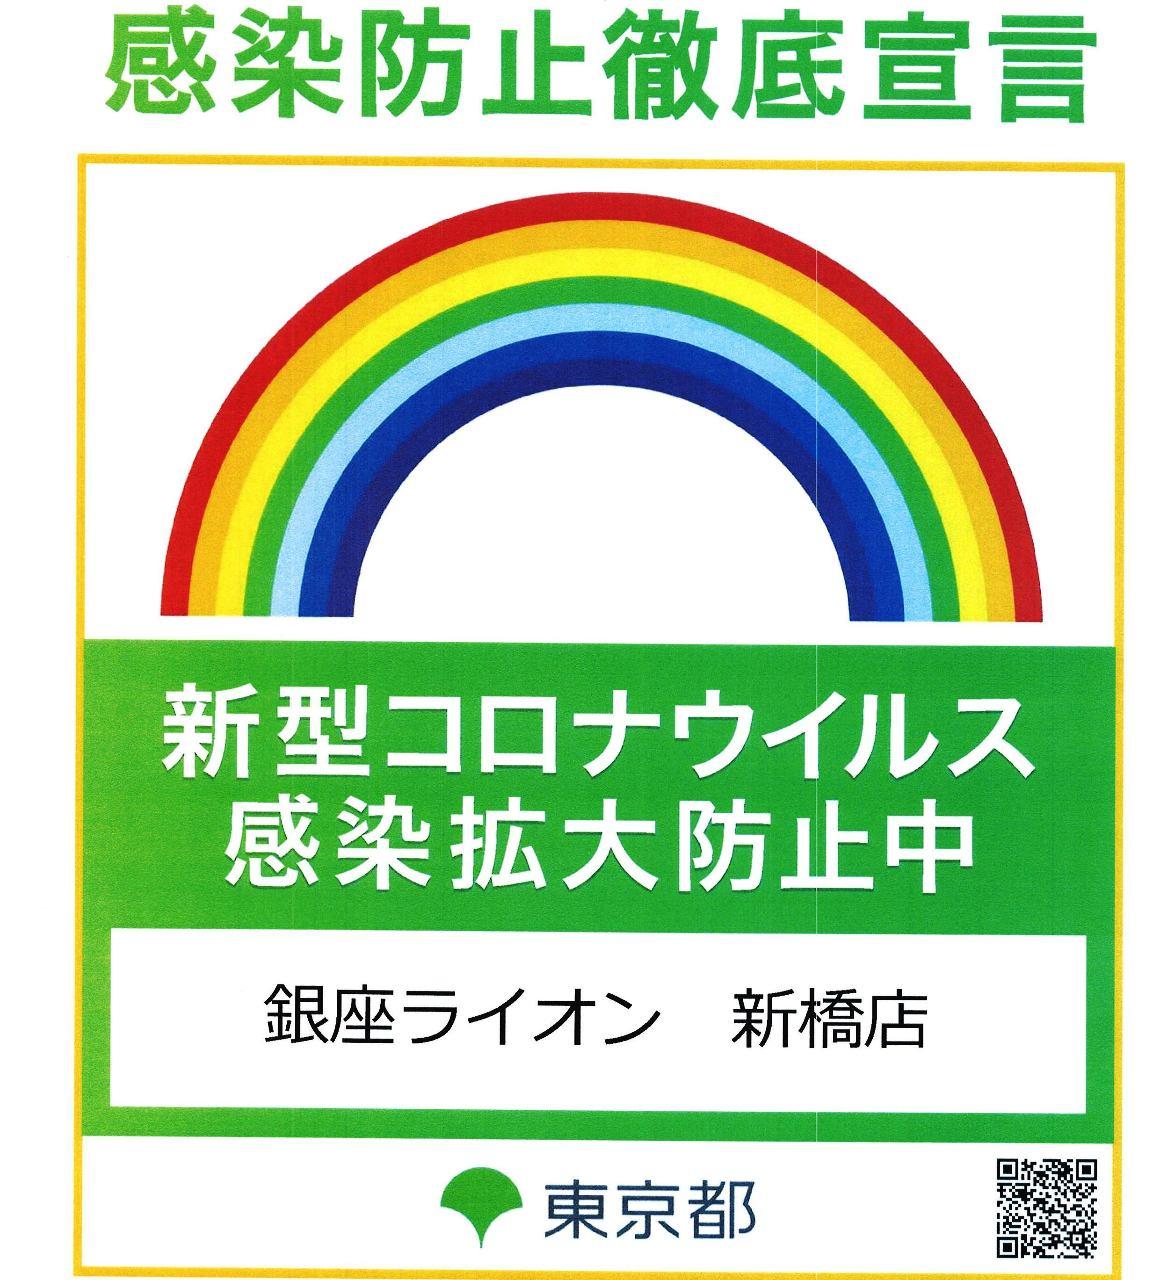 新橋個室 銀座ライオン 新橋店